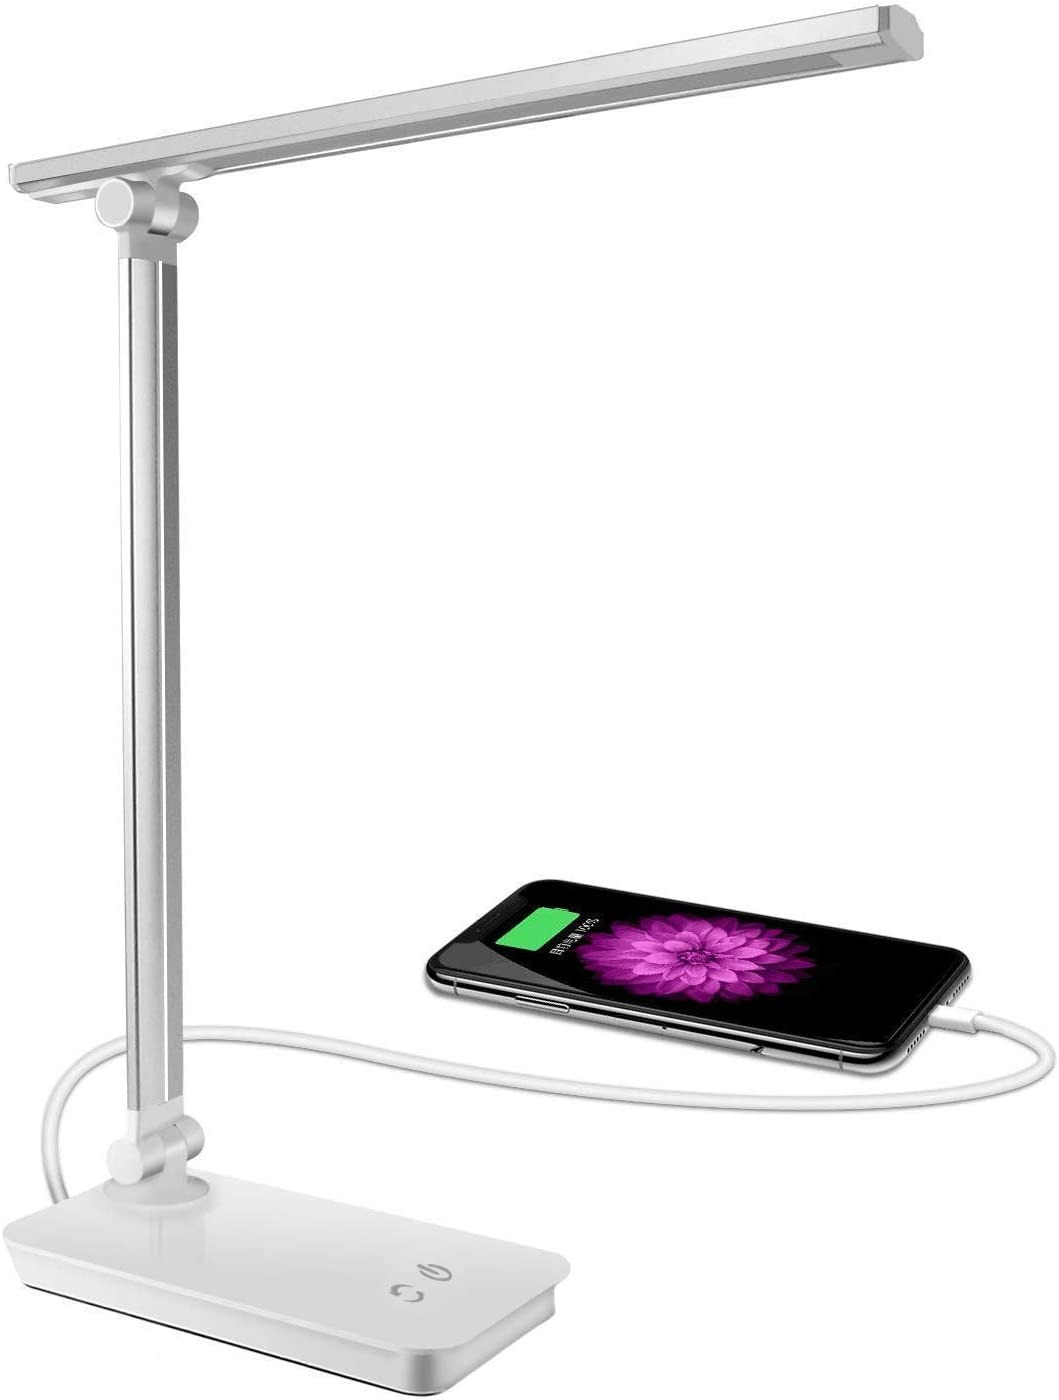 SunTop Lámpara Escritorio,Lámpara LED de mesa,5W Regulable Cuidado a Ojos, 3 Niveles de Brillos, 5 colores ajustable, Puerto USB 5V/ 1A, Control Táctil, Bajo Consumo de Energía, Ángulo Ajustable